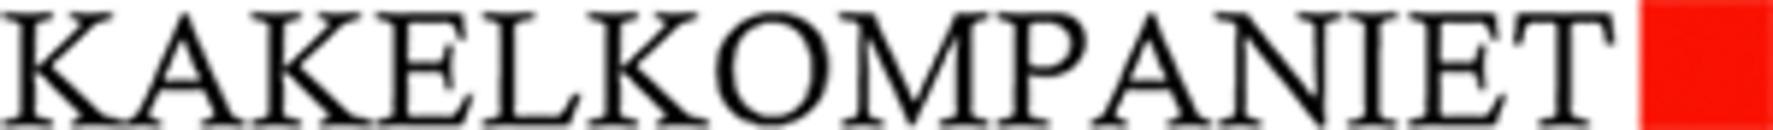 Kakelkompaniet Import & Försäljning I Stockholm AB logo